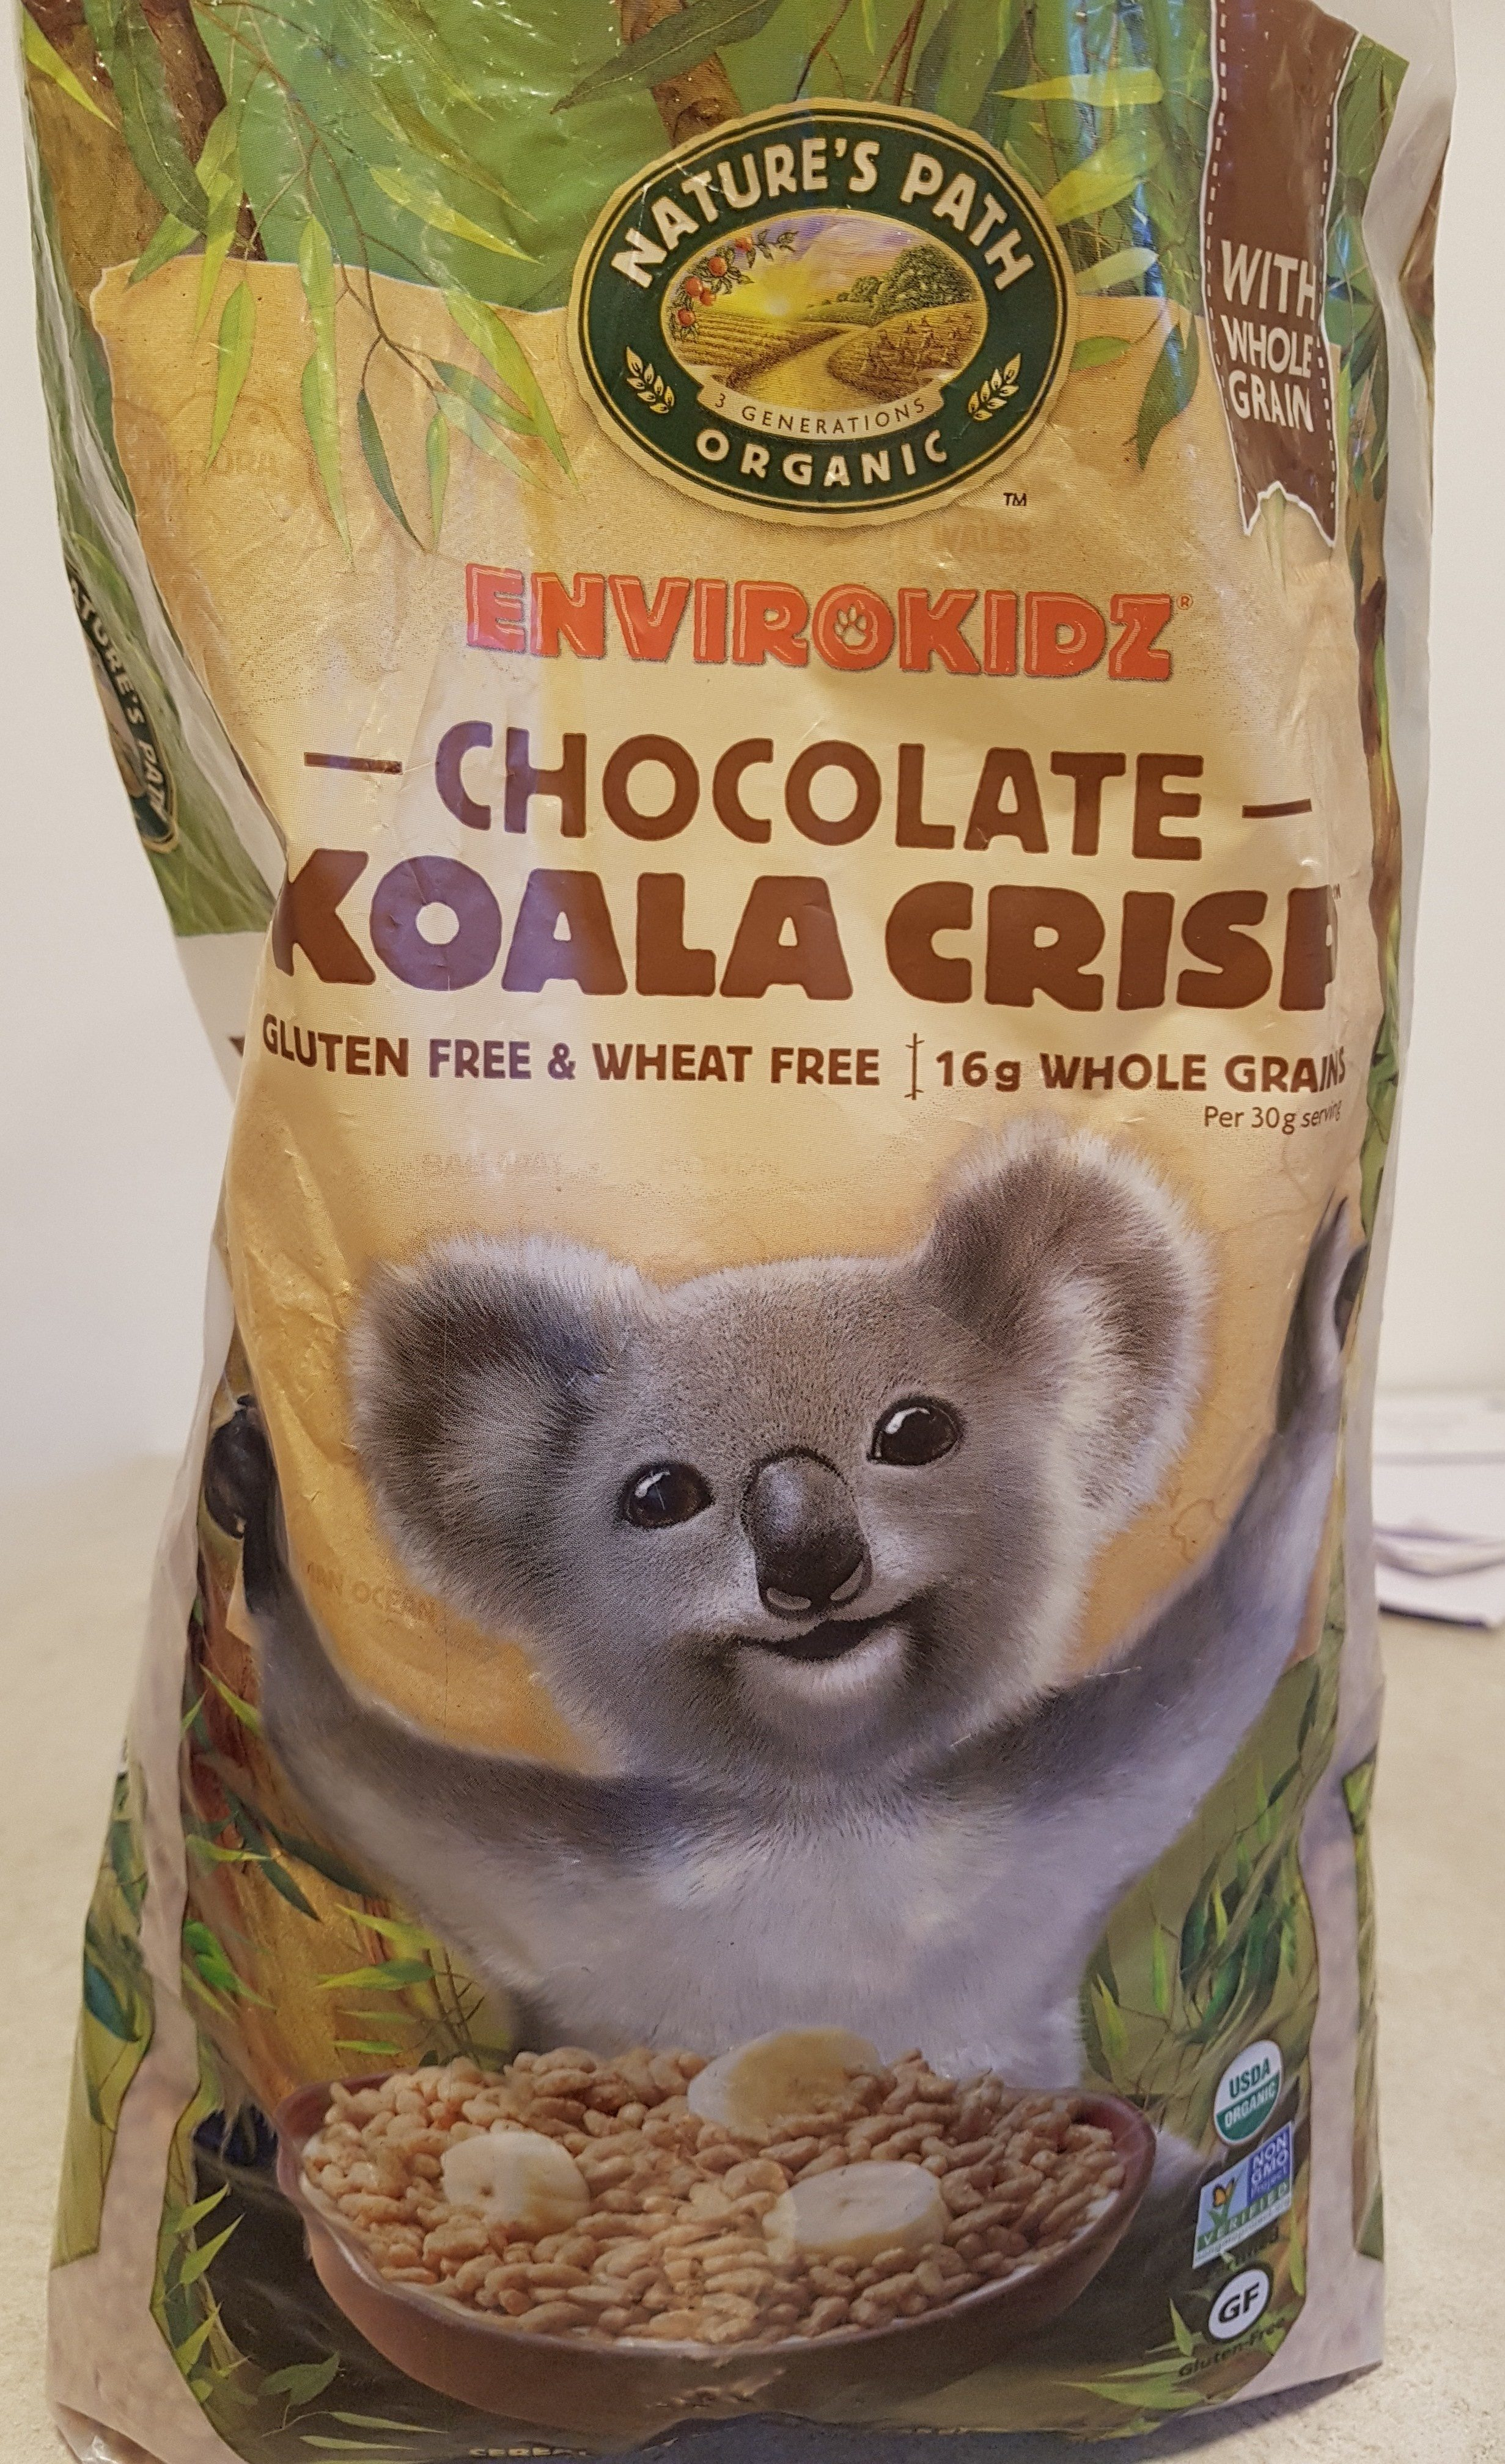 Koala crisp cereal - Product - en